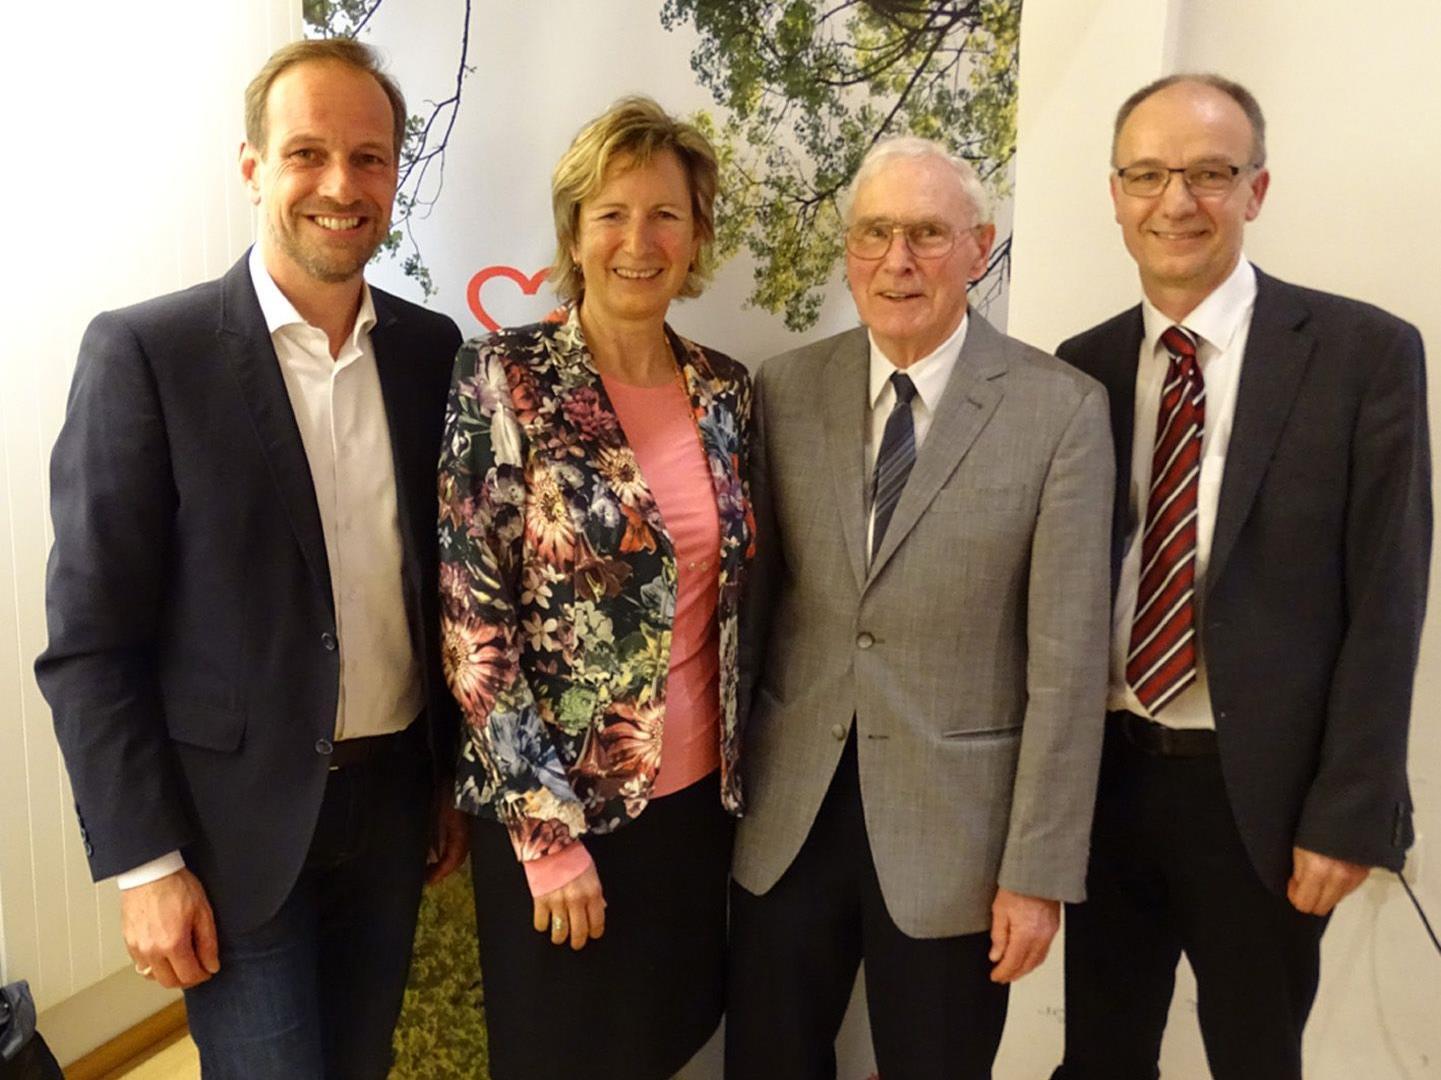 Bgm. Dieter Egger, Gabriele Nußbaumer, Dr. Elmar Troy und sein Nachfolger Dr. Karl Bitschnau (v.l.)